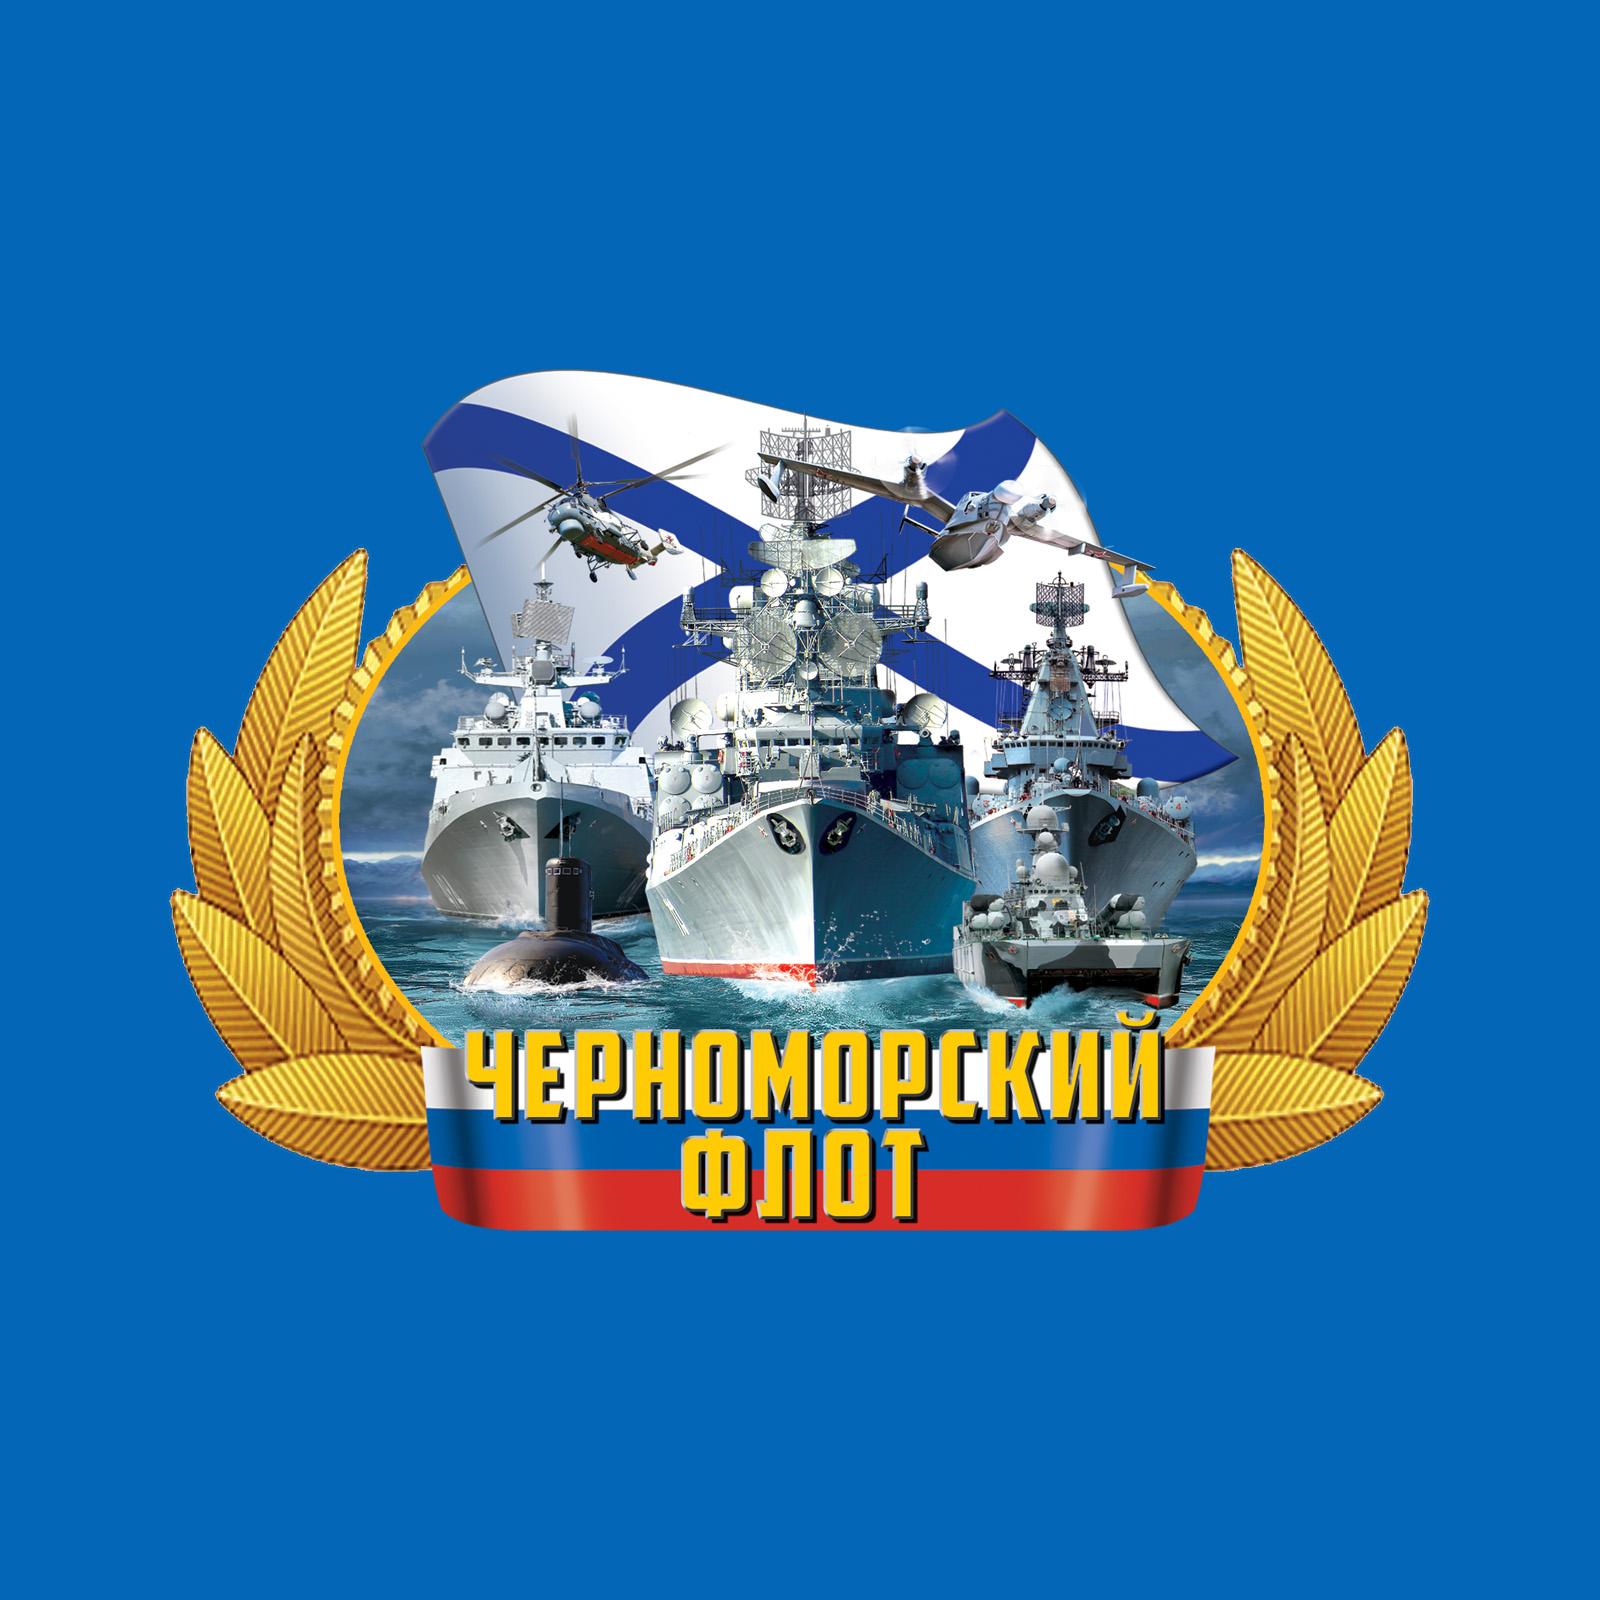 Тематическая футболка Черноморский флот - купить по отличной цене